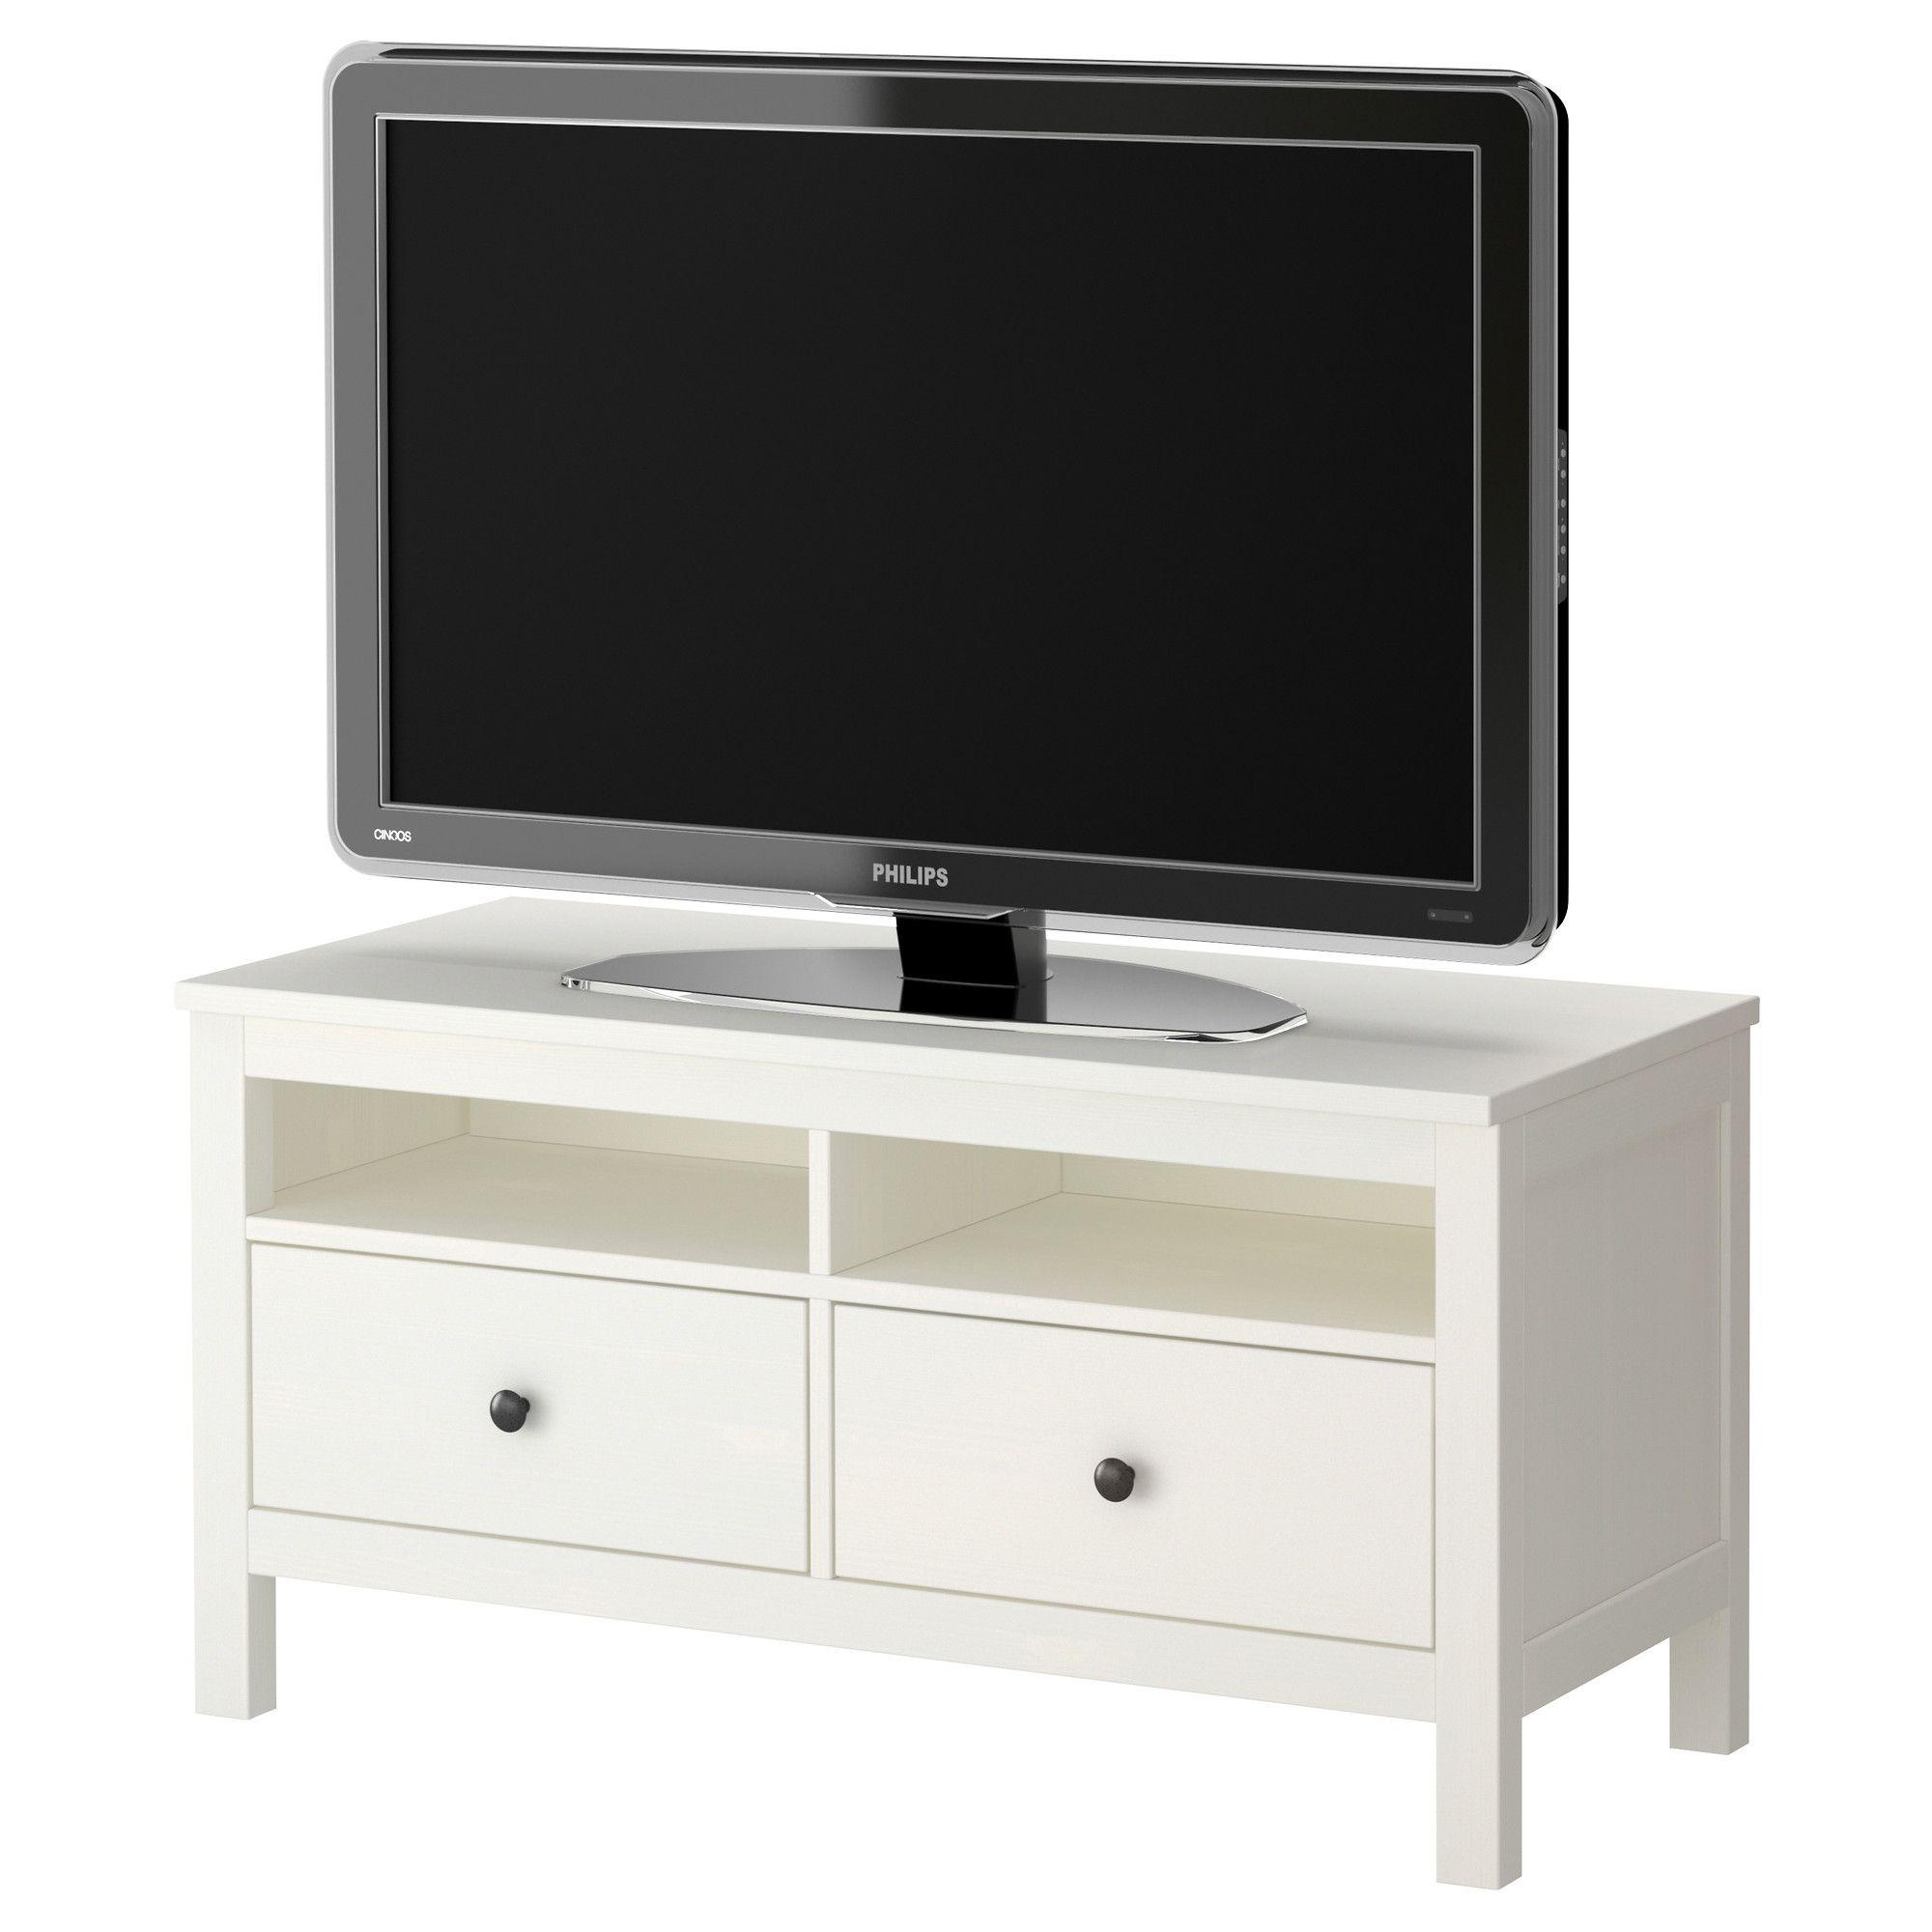 Benno Tv Meubel Ikea.Meubels Verlichting Woondecoratie En Meer Slaapkamer Tv Ikea